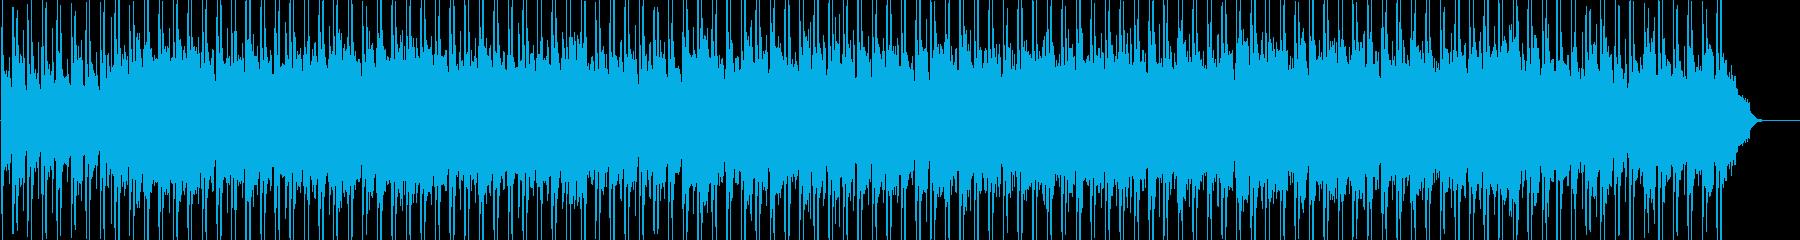 ハイテンポのおしゃれで都会的なボサノバの再生済みの波形